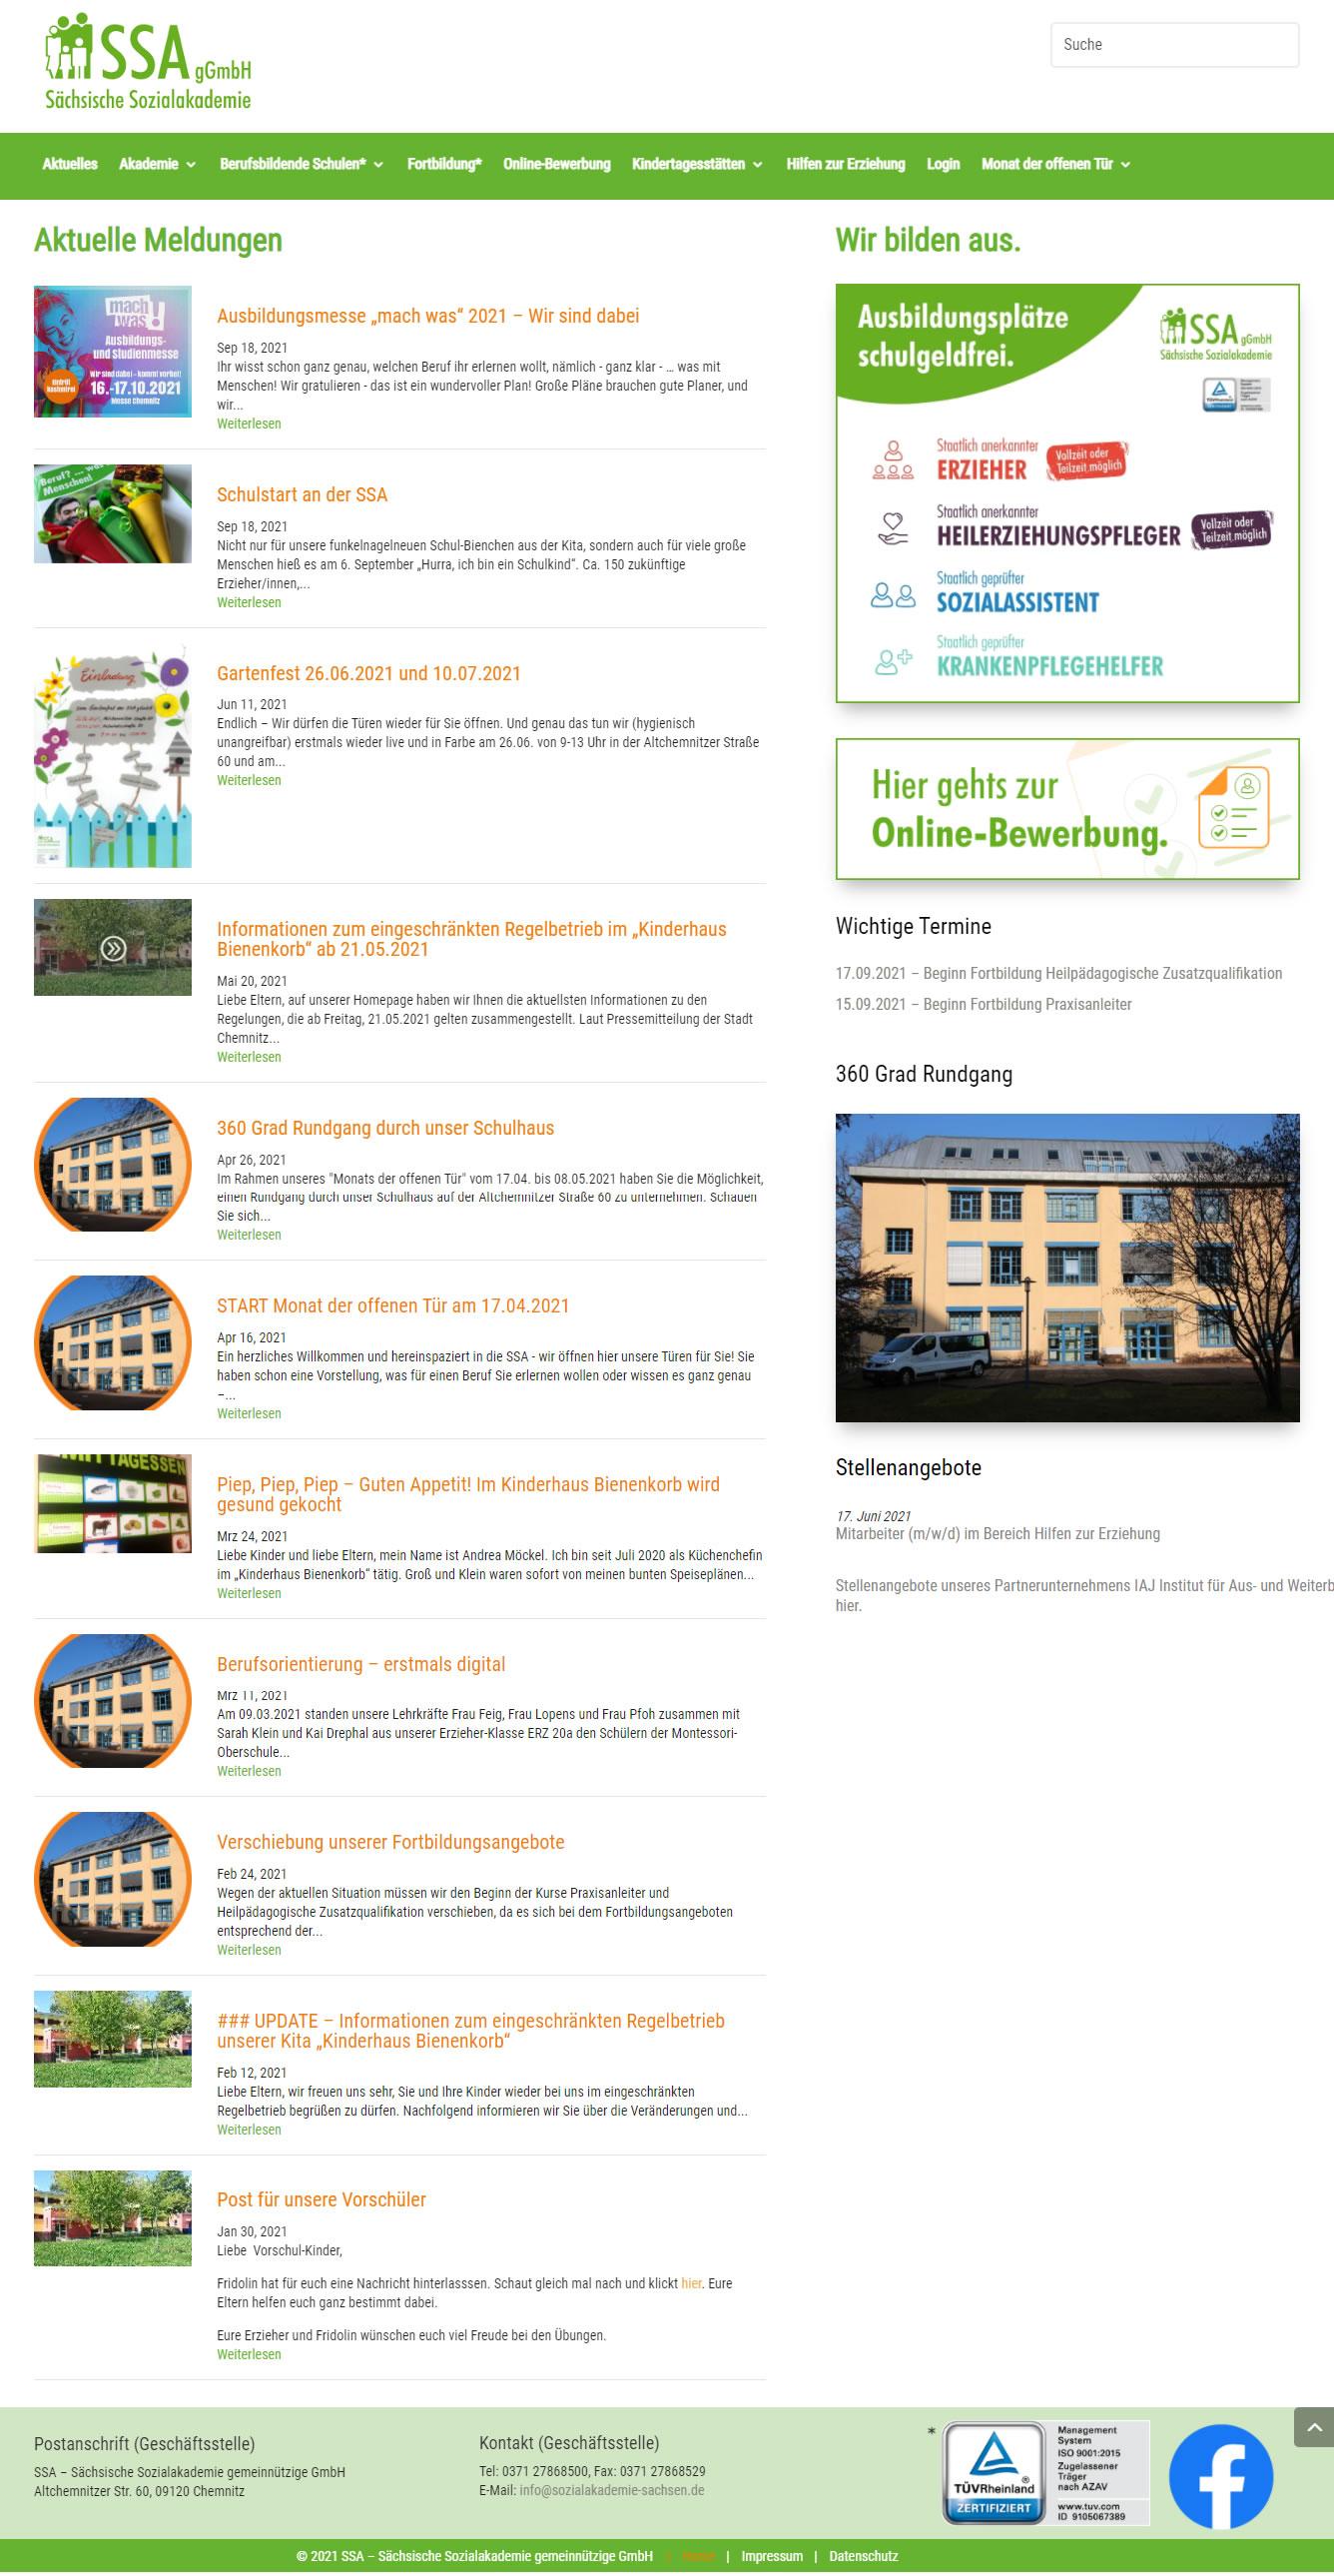 SSA-Sächsische-Sozialakademie-gGmbH